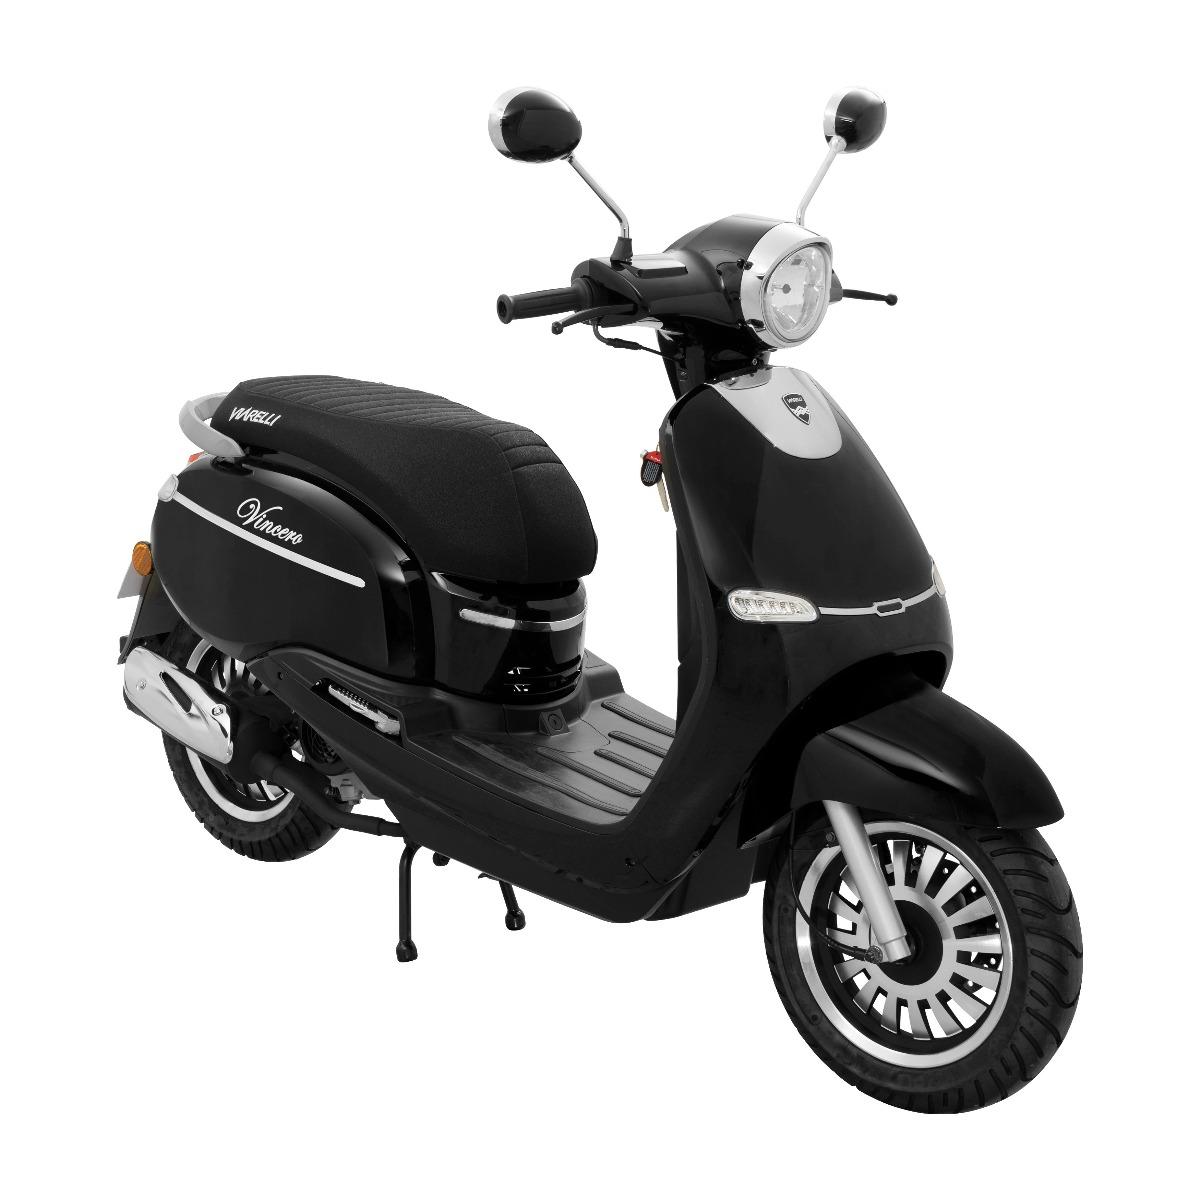 Moped Viarelli Vincero - Klass 1